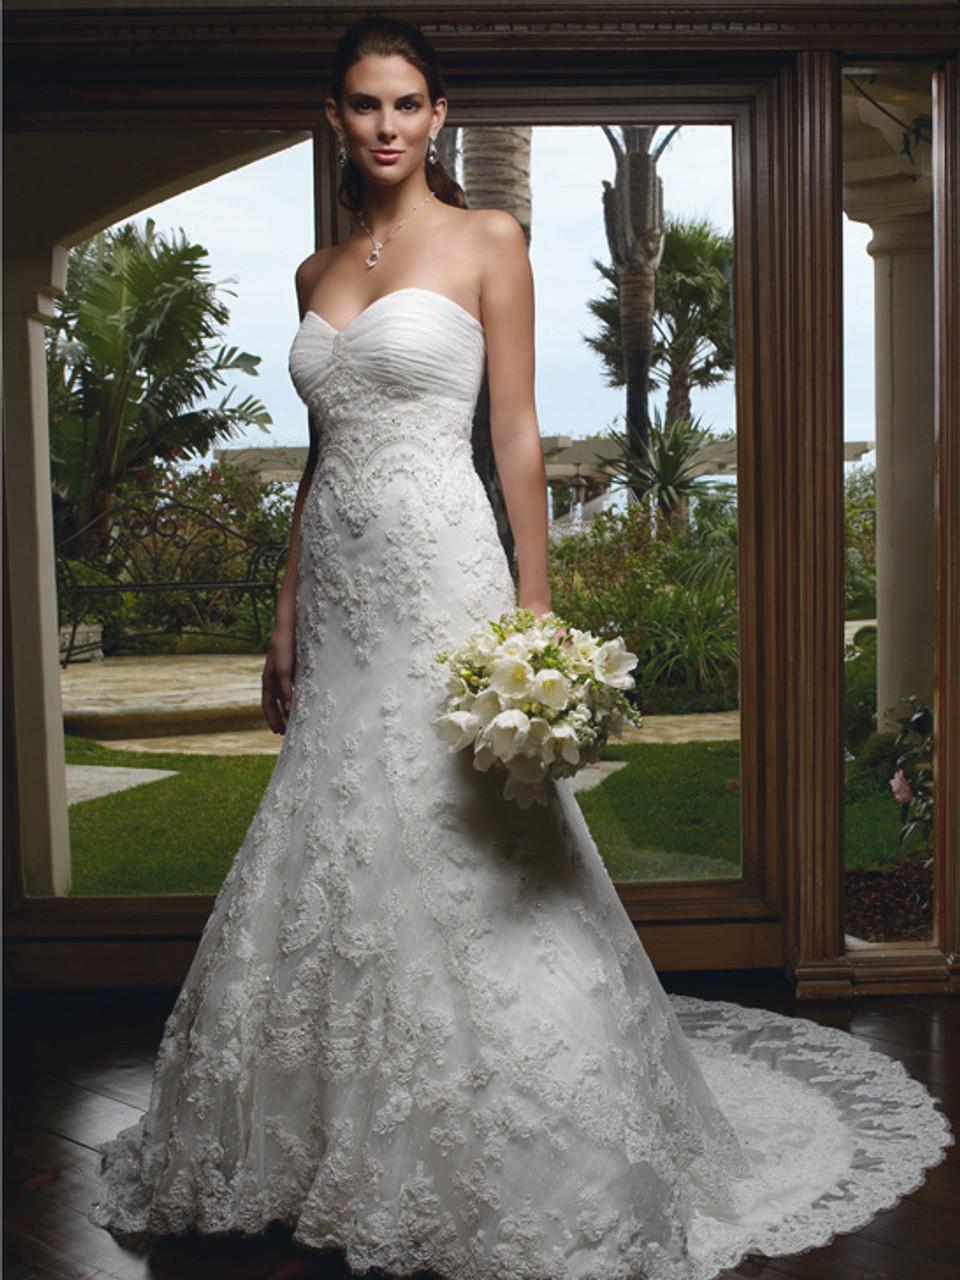 Casablanca Bridal 1914 Wedding Gown Dimitradesigns